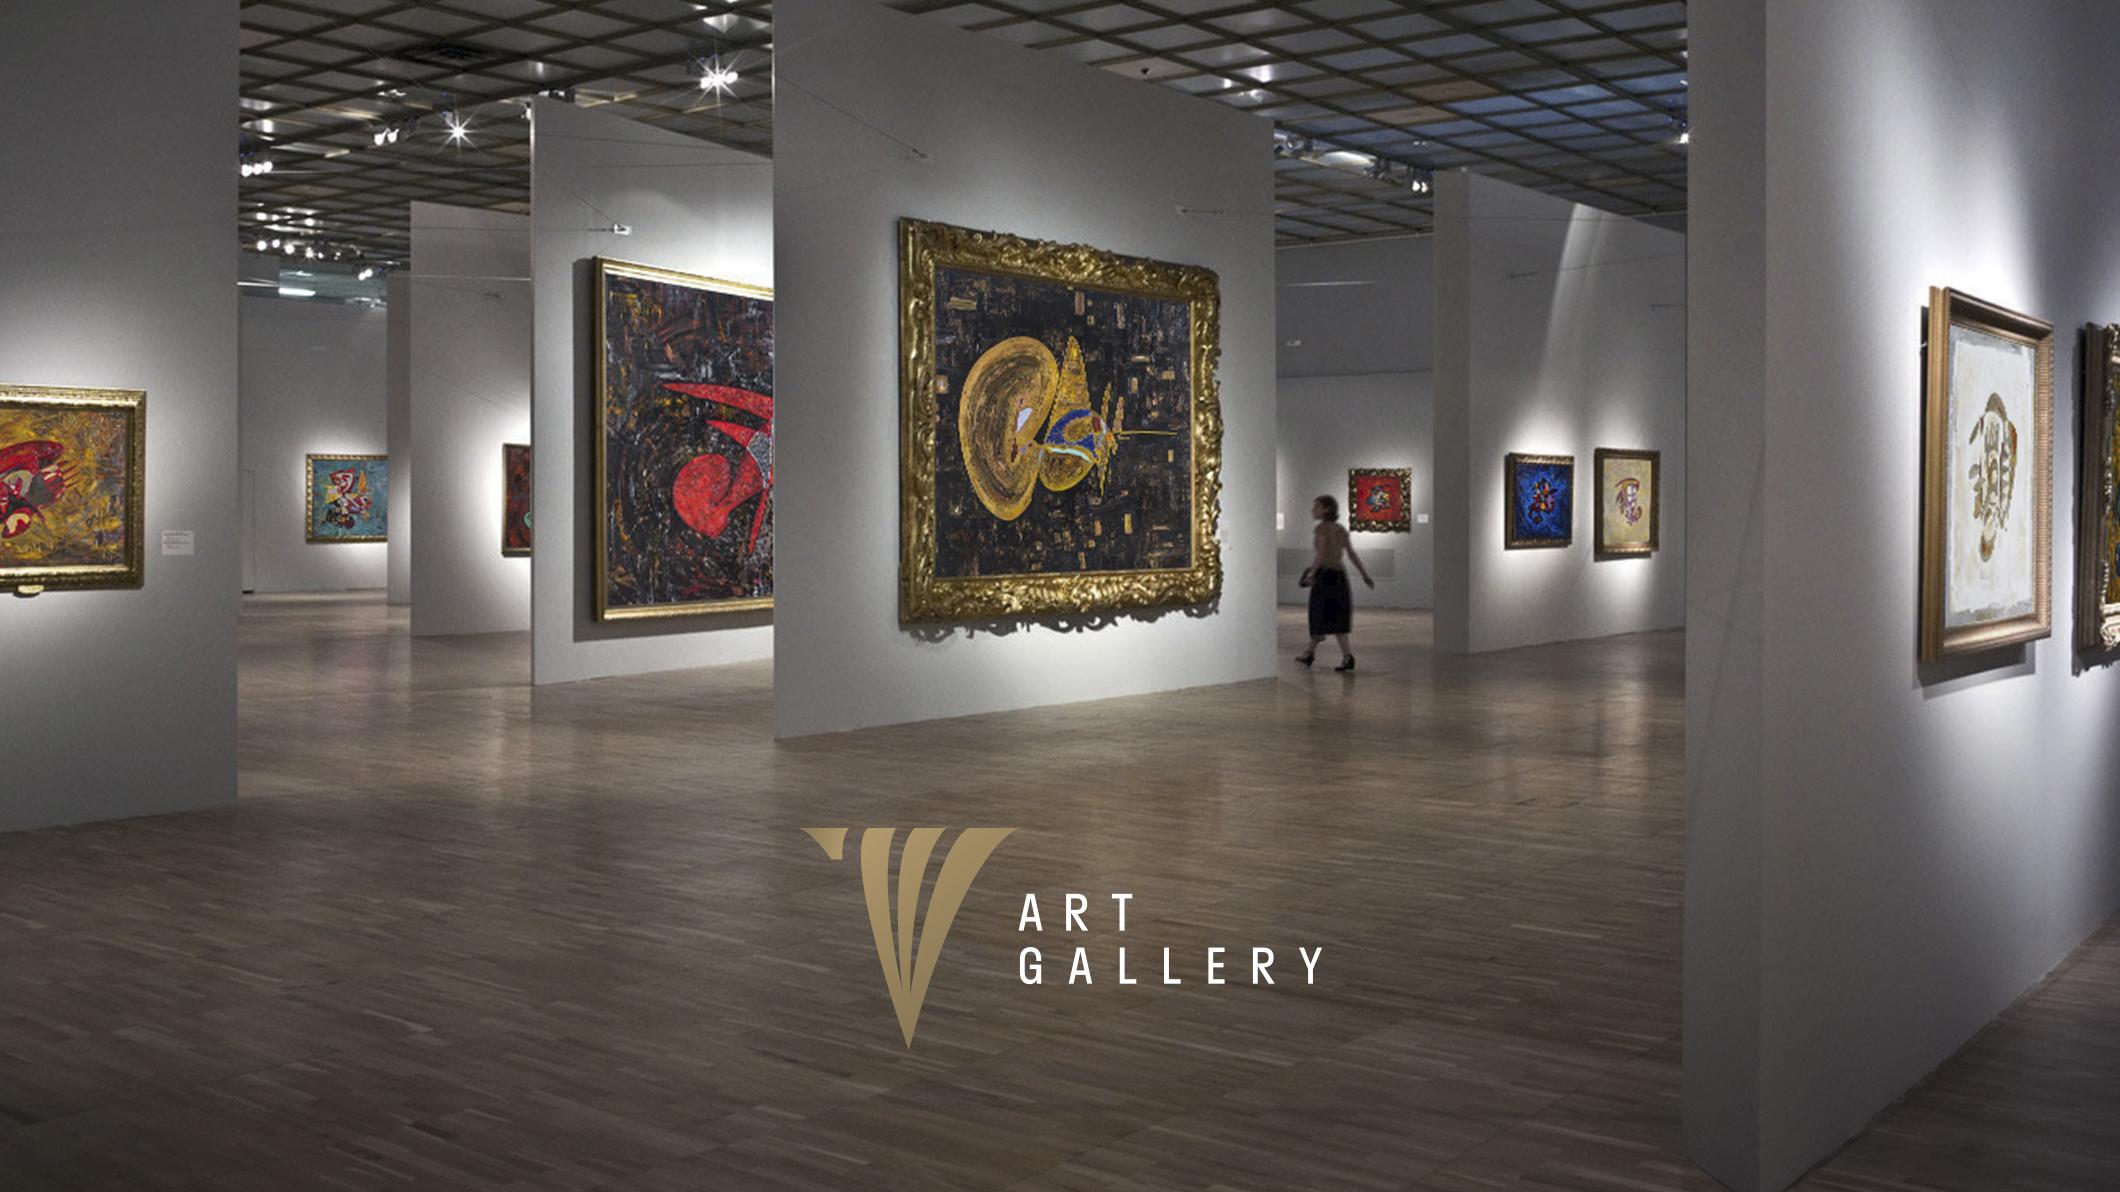 Where to buy art